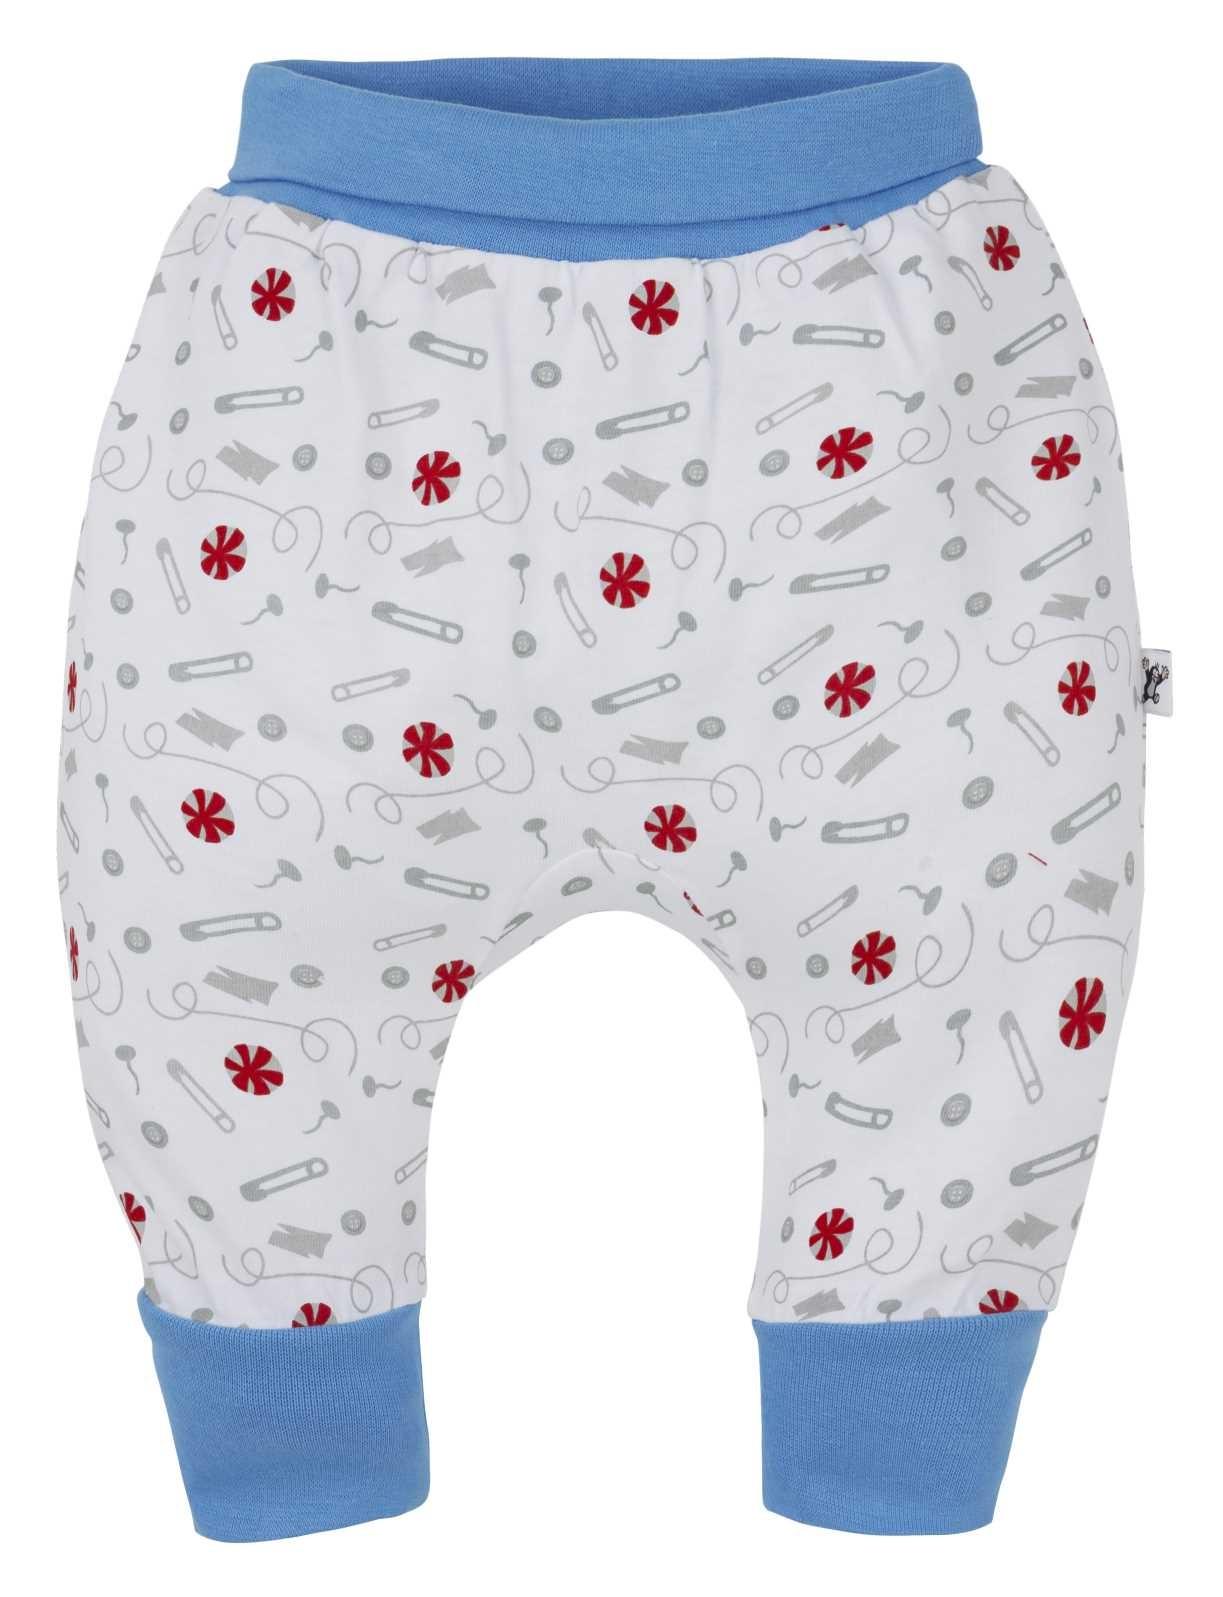 Gmini Kalhoty do pasu KRTEK kalhotky chlapec potisk 74 cm